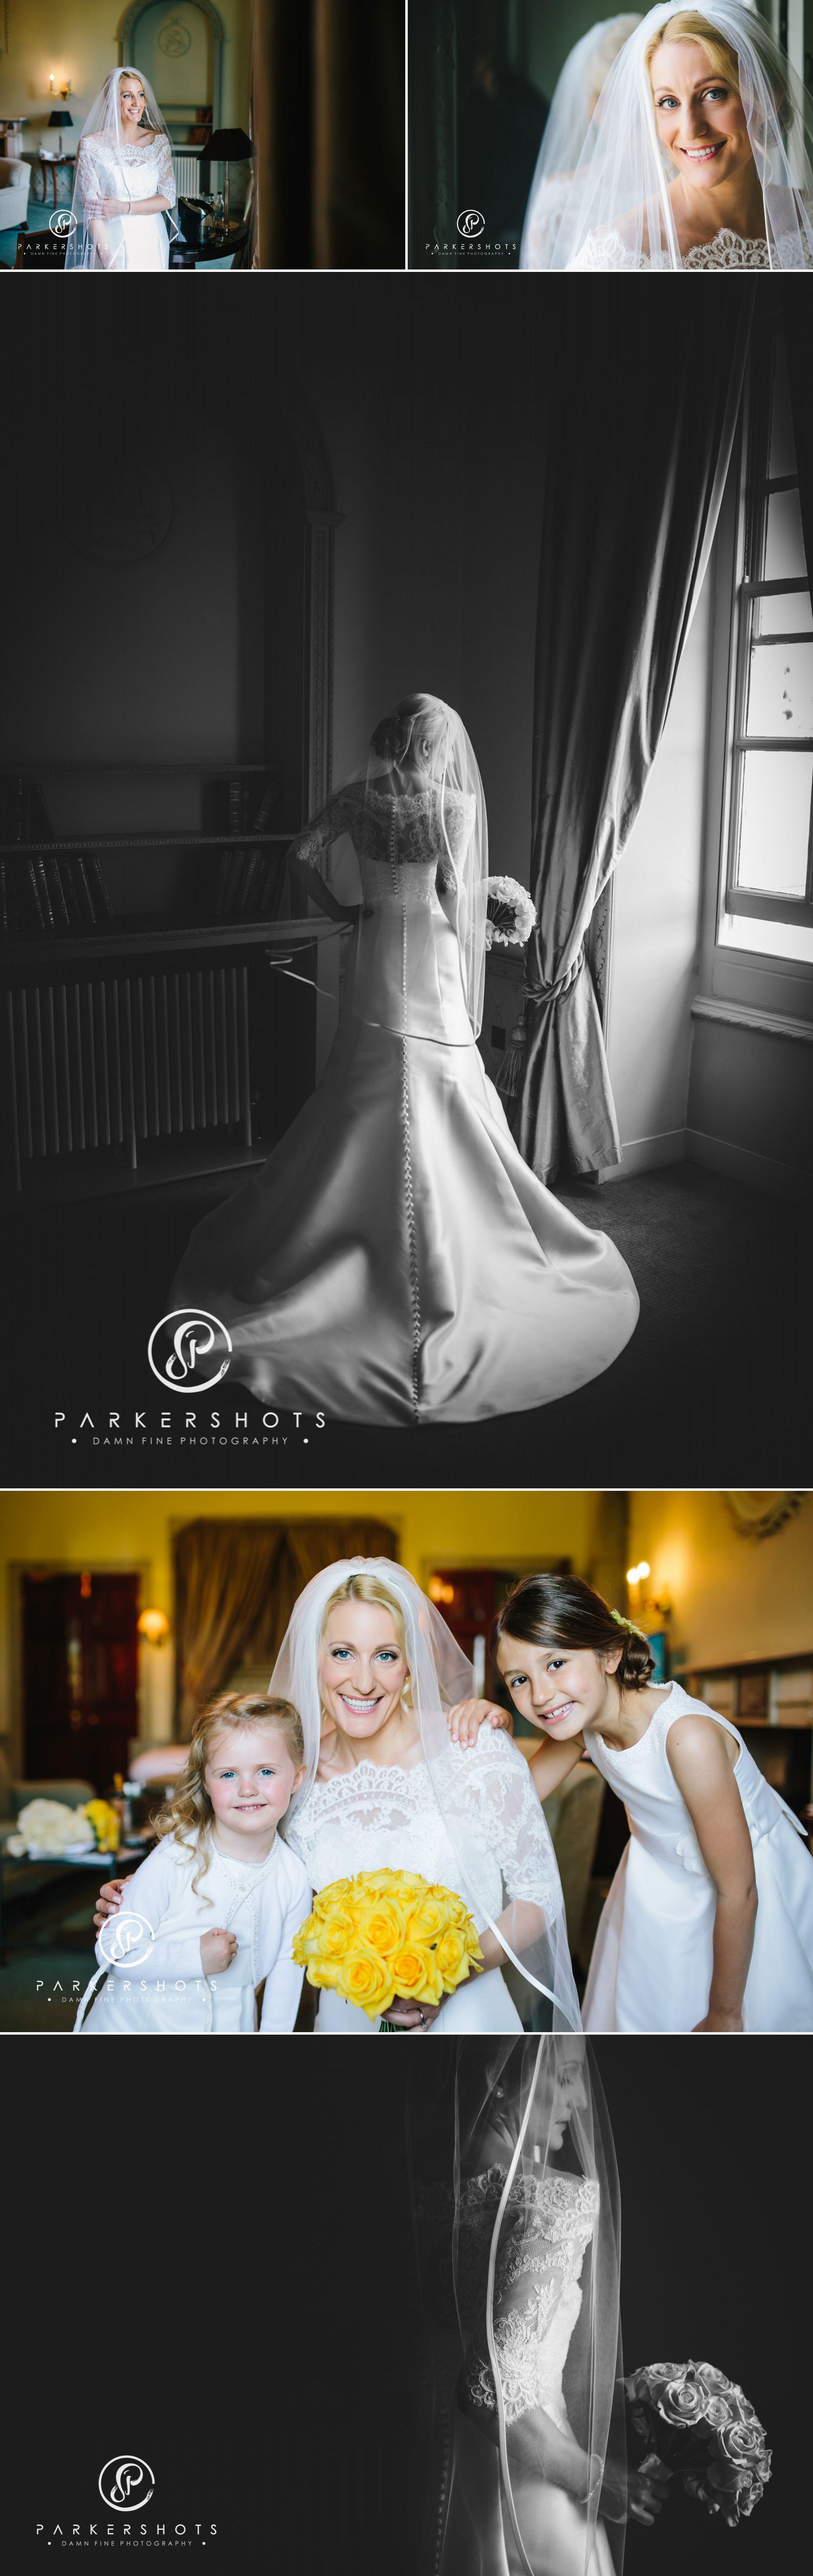 Buxted_Park_Wedding_Photographer 4